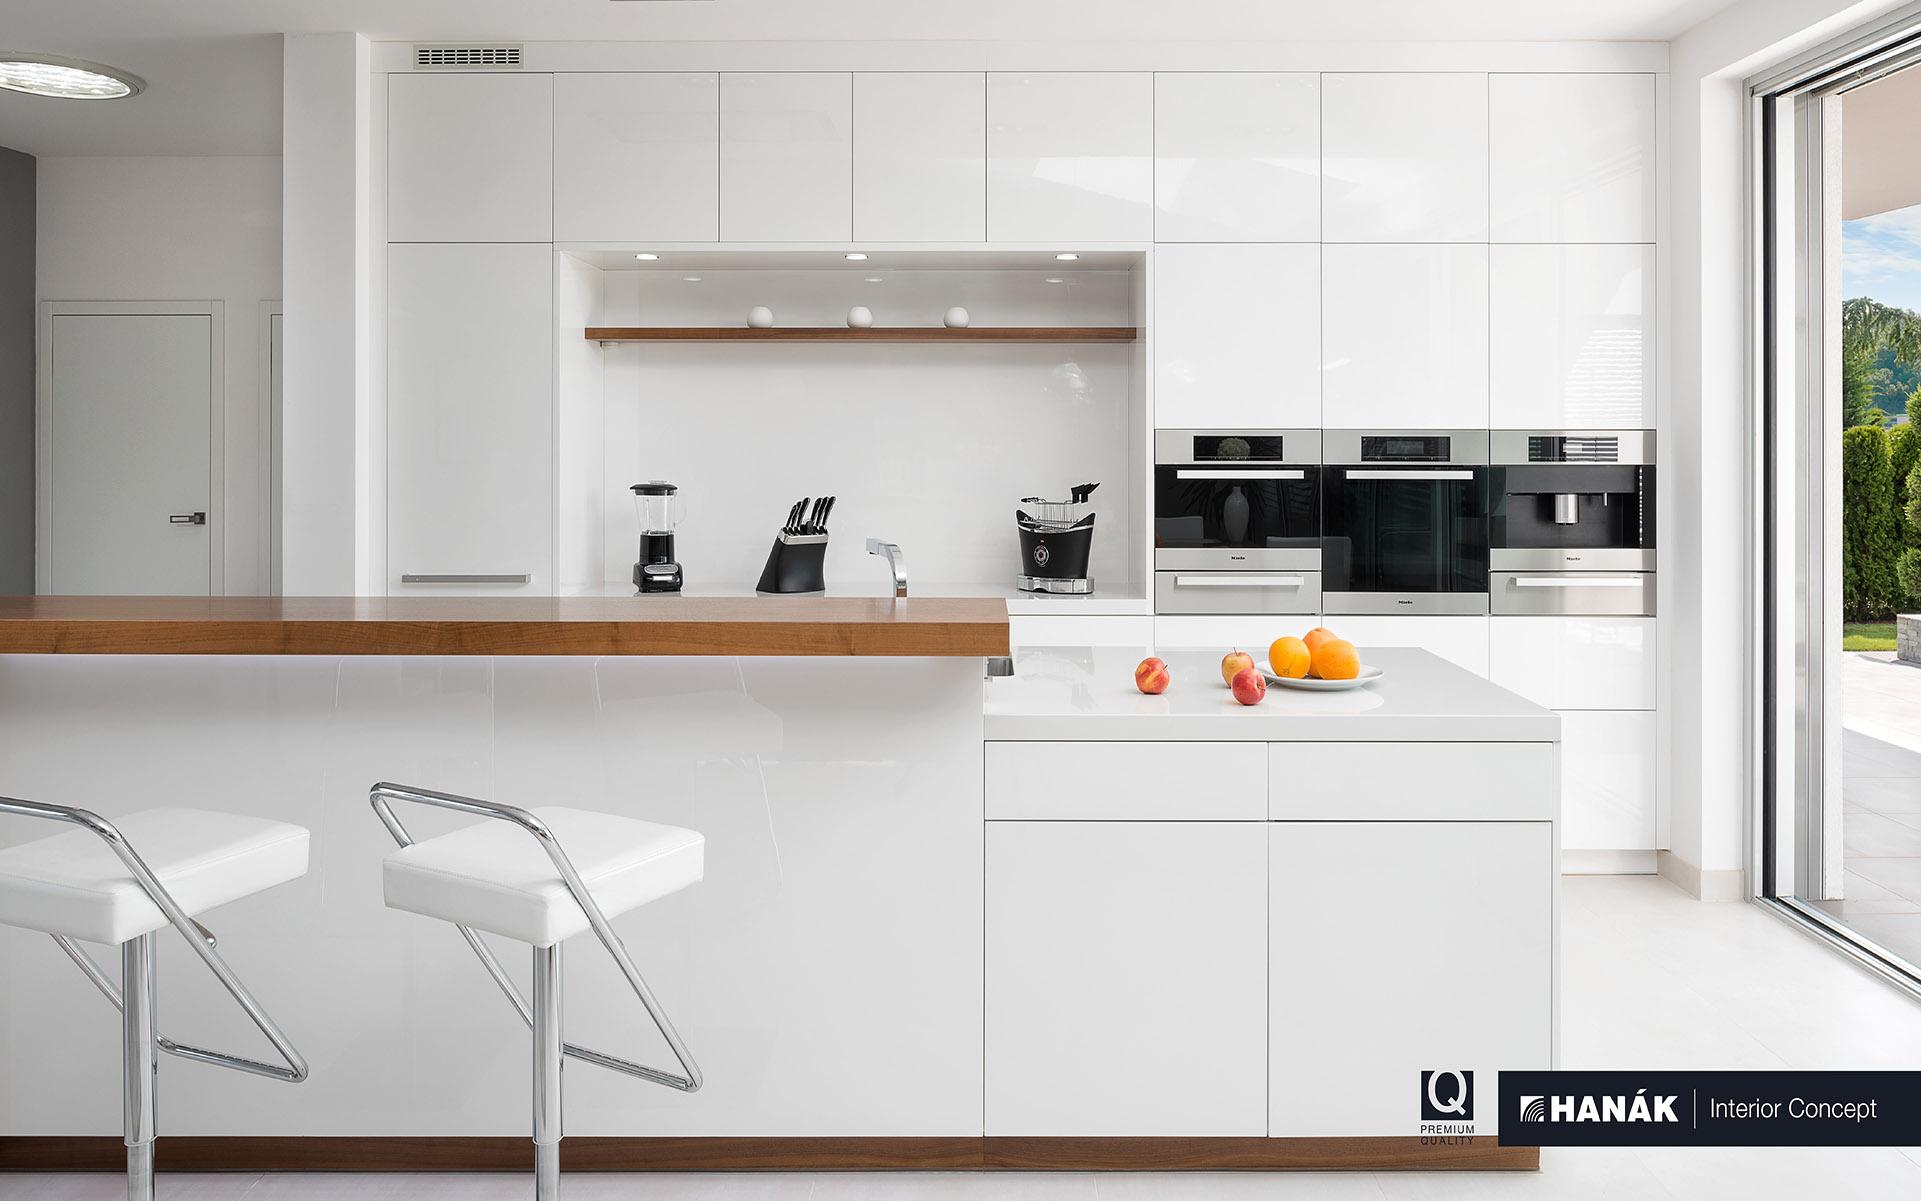 Kuchyně a interiéry